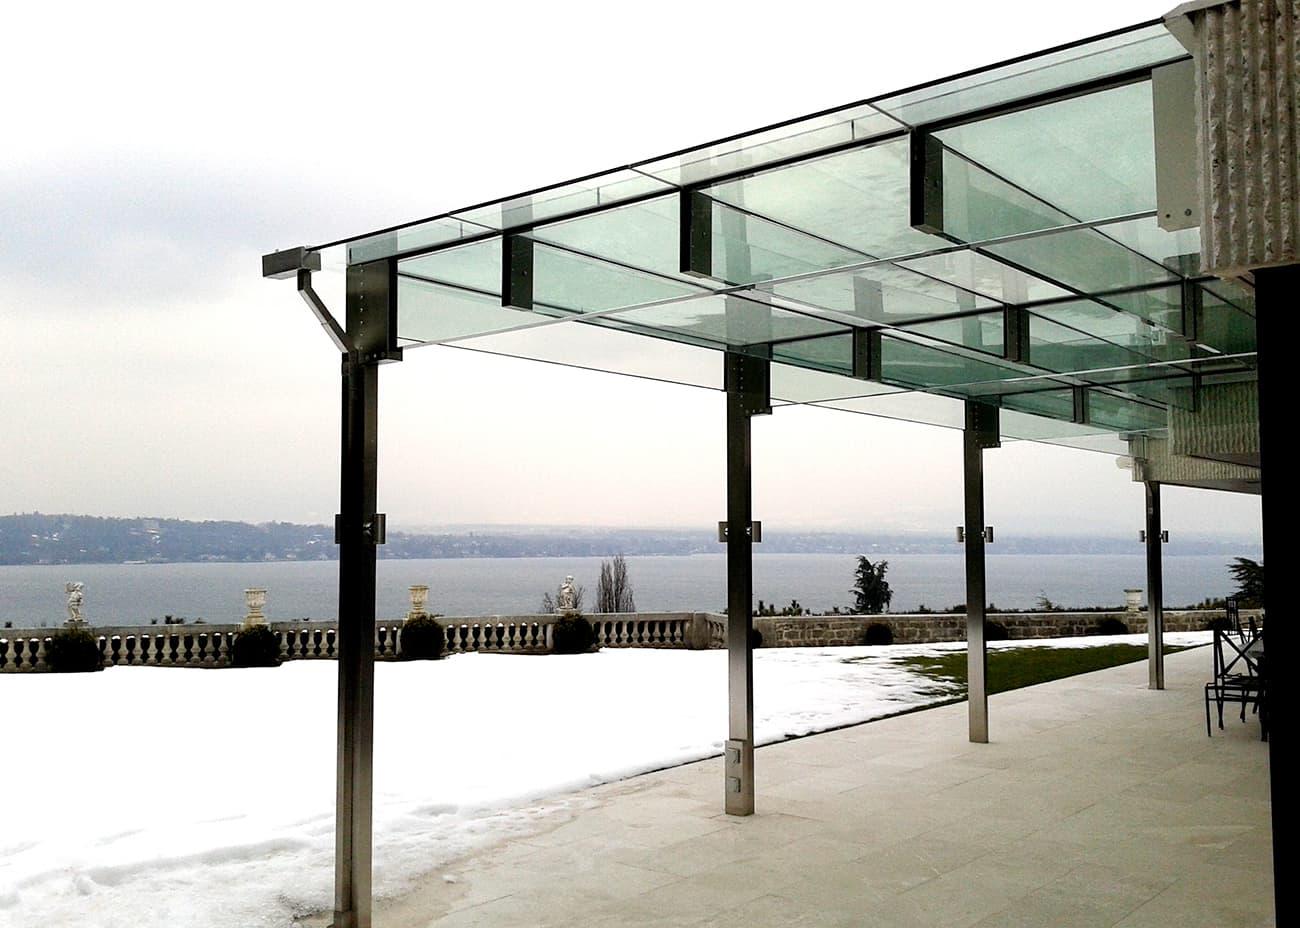 l'architettura del Canopy rappresenta un perfetto equilibrio estetico con l'ambiente naturale circostante in ogni stagione - inverno